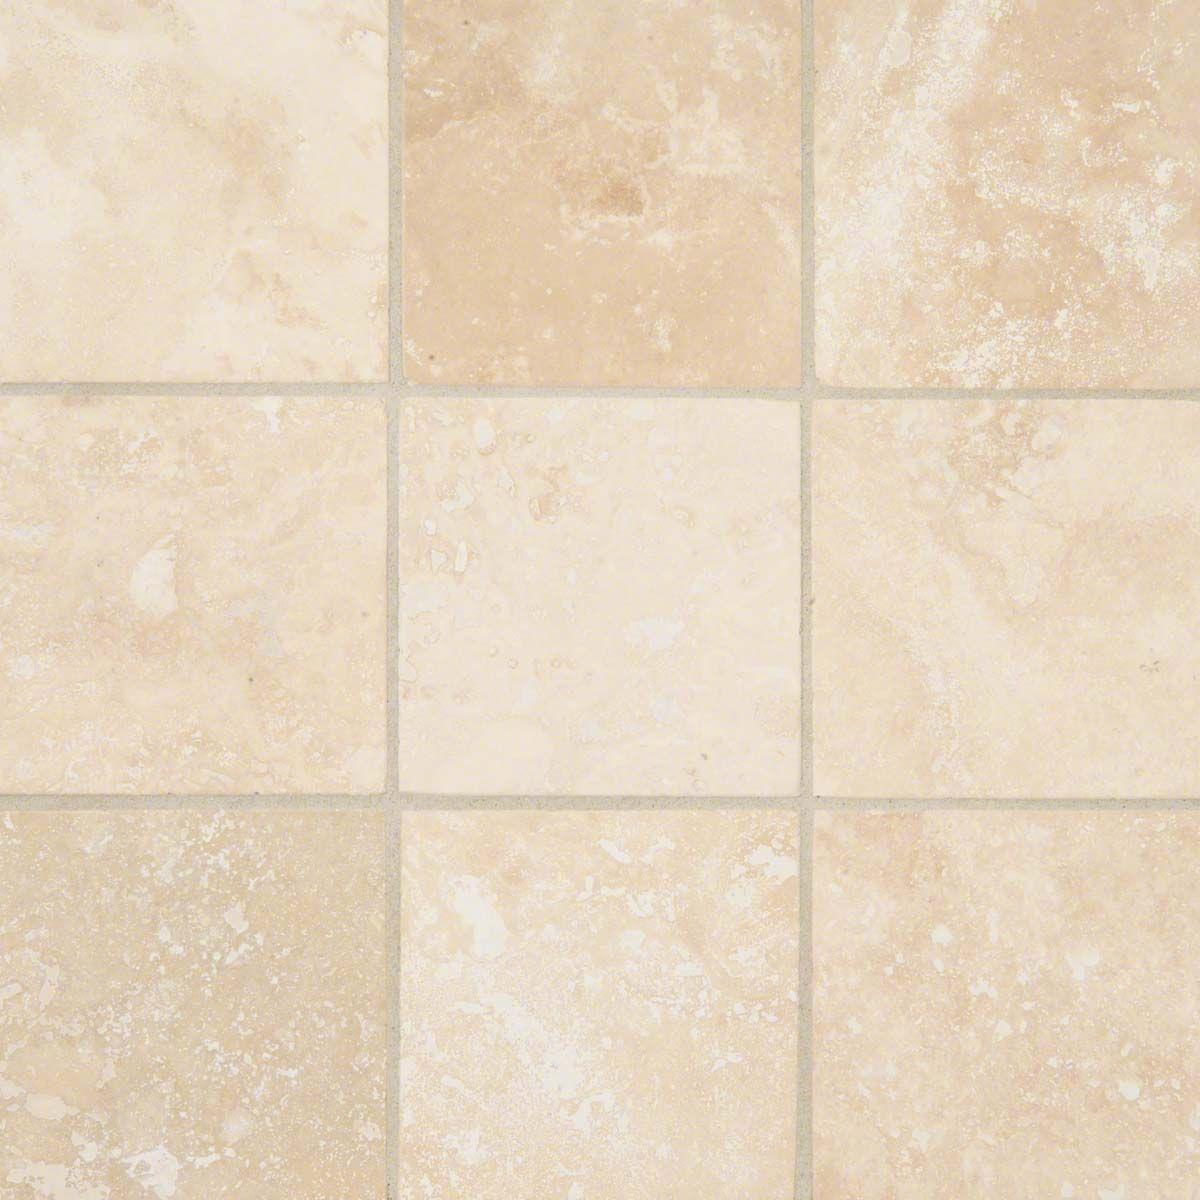 Ivory Travertine 4x4 Honed And Beveled Tile Travertine Backsplash ...